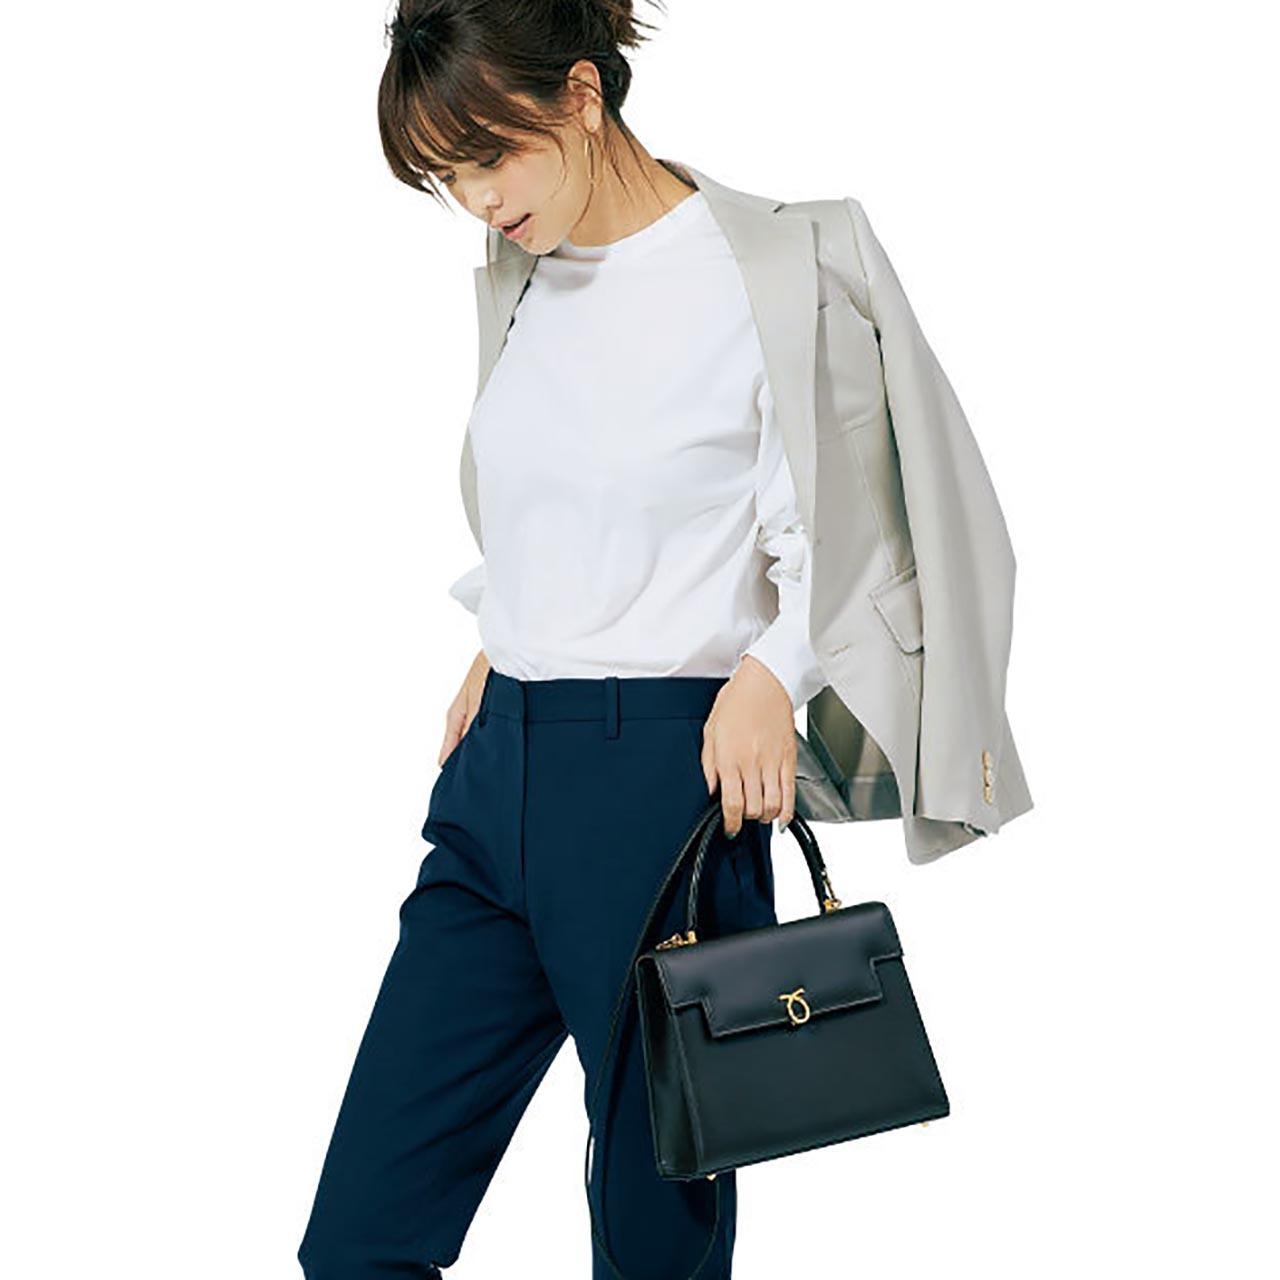 749a2988ce2b 「通勤バッグ」の記事一覧 | ファッション誌Marisol(マリソル) ONLINE 40代をもっとキレイに。女っぷり上々!